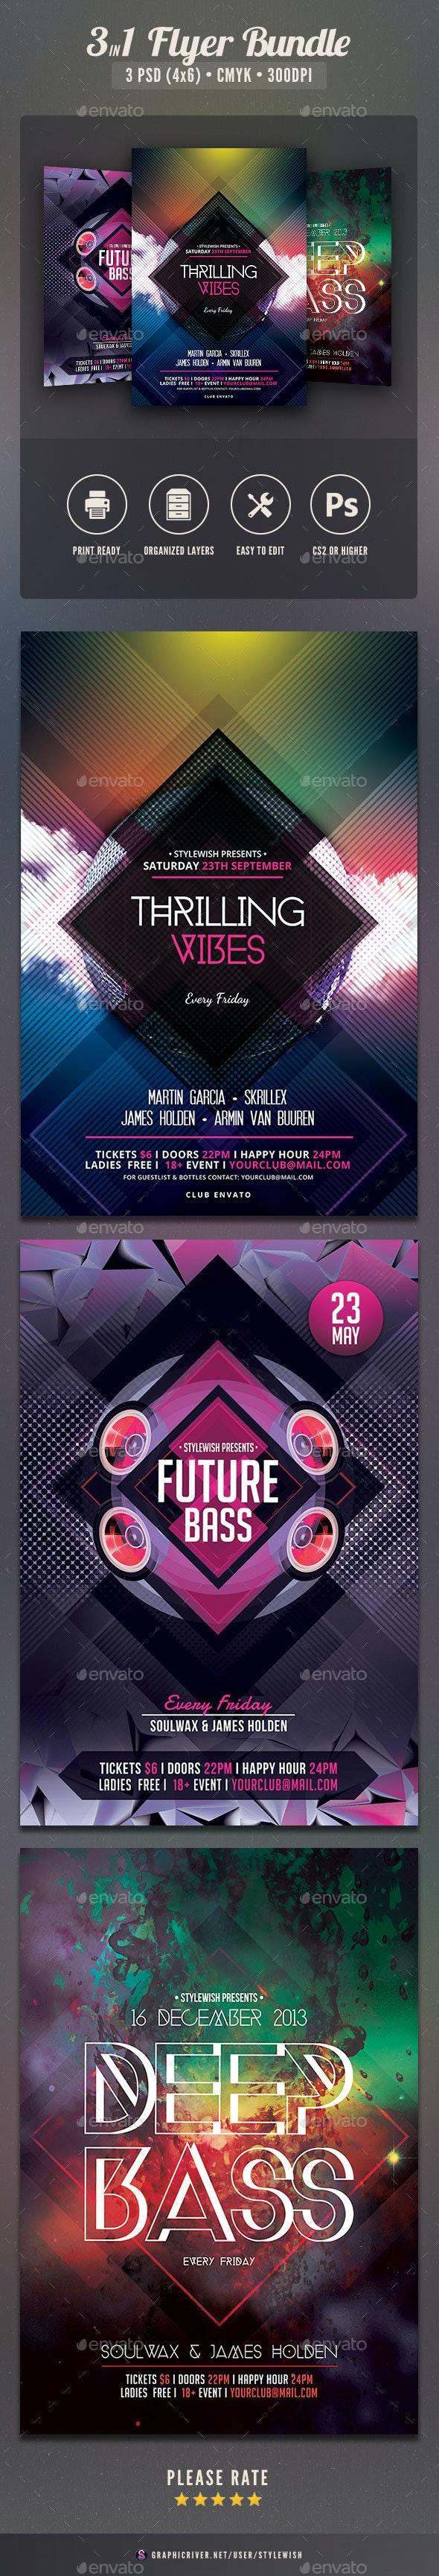 Future Party Flyer Bundle Vol2 - Clubs & Parties Events